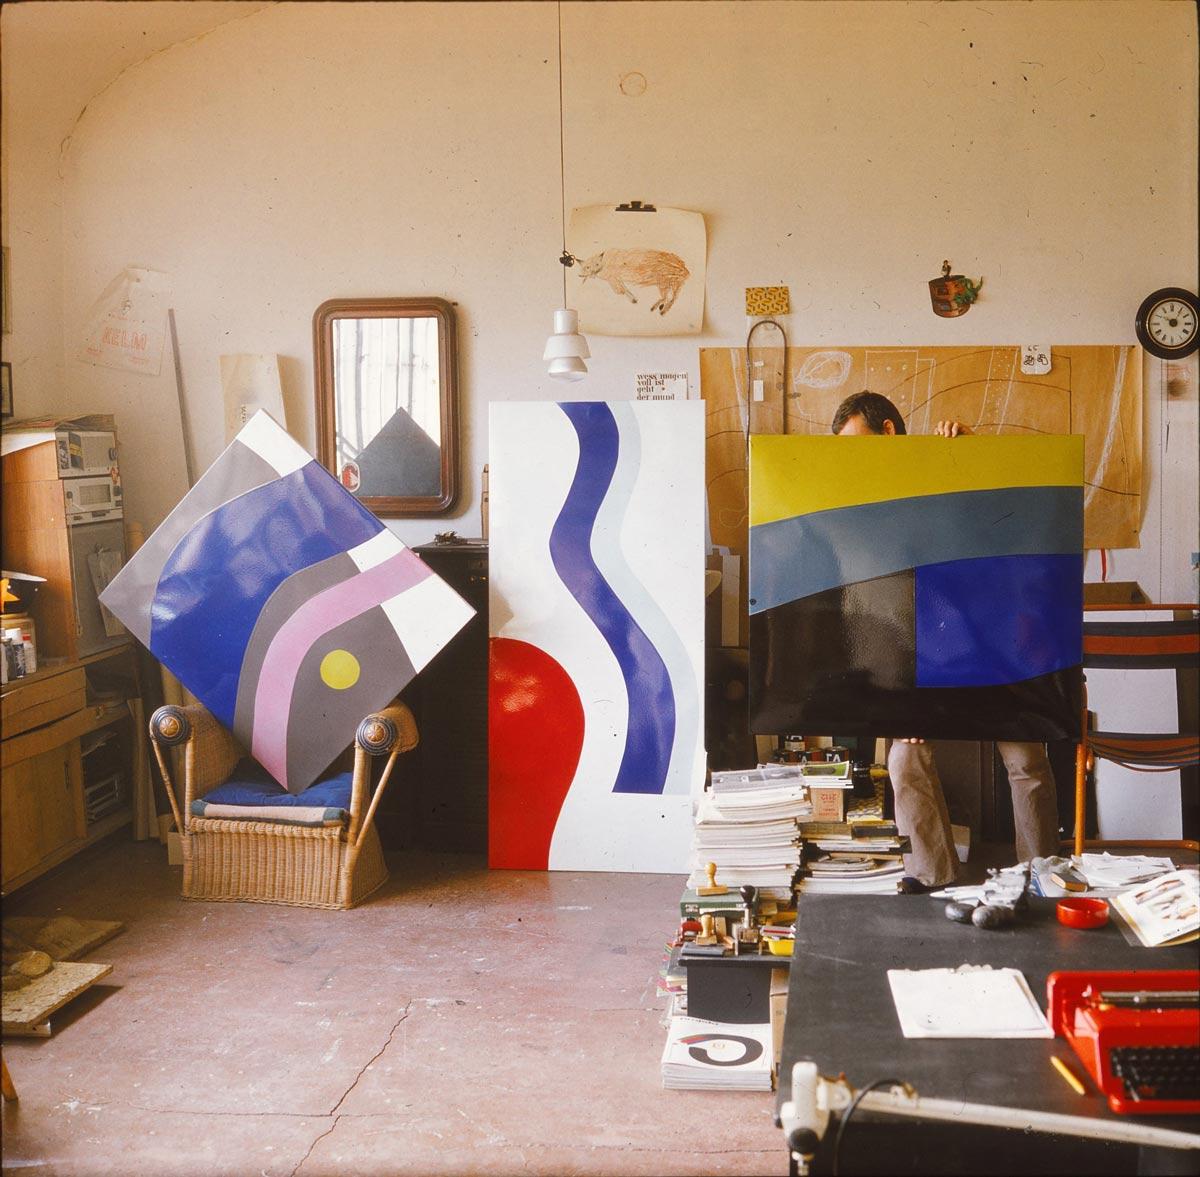 Atelier Lutz Rudolph, Emailelemente für das Fassadenrelief VEB Volkswerft Stralsund, 1973.